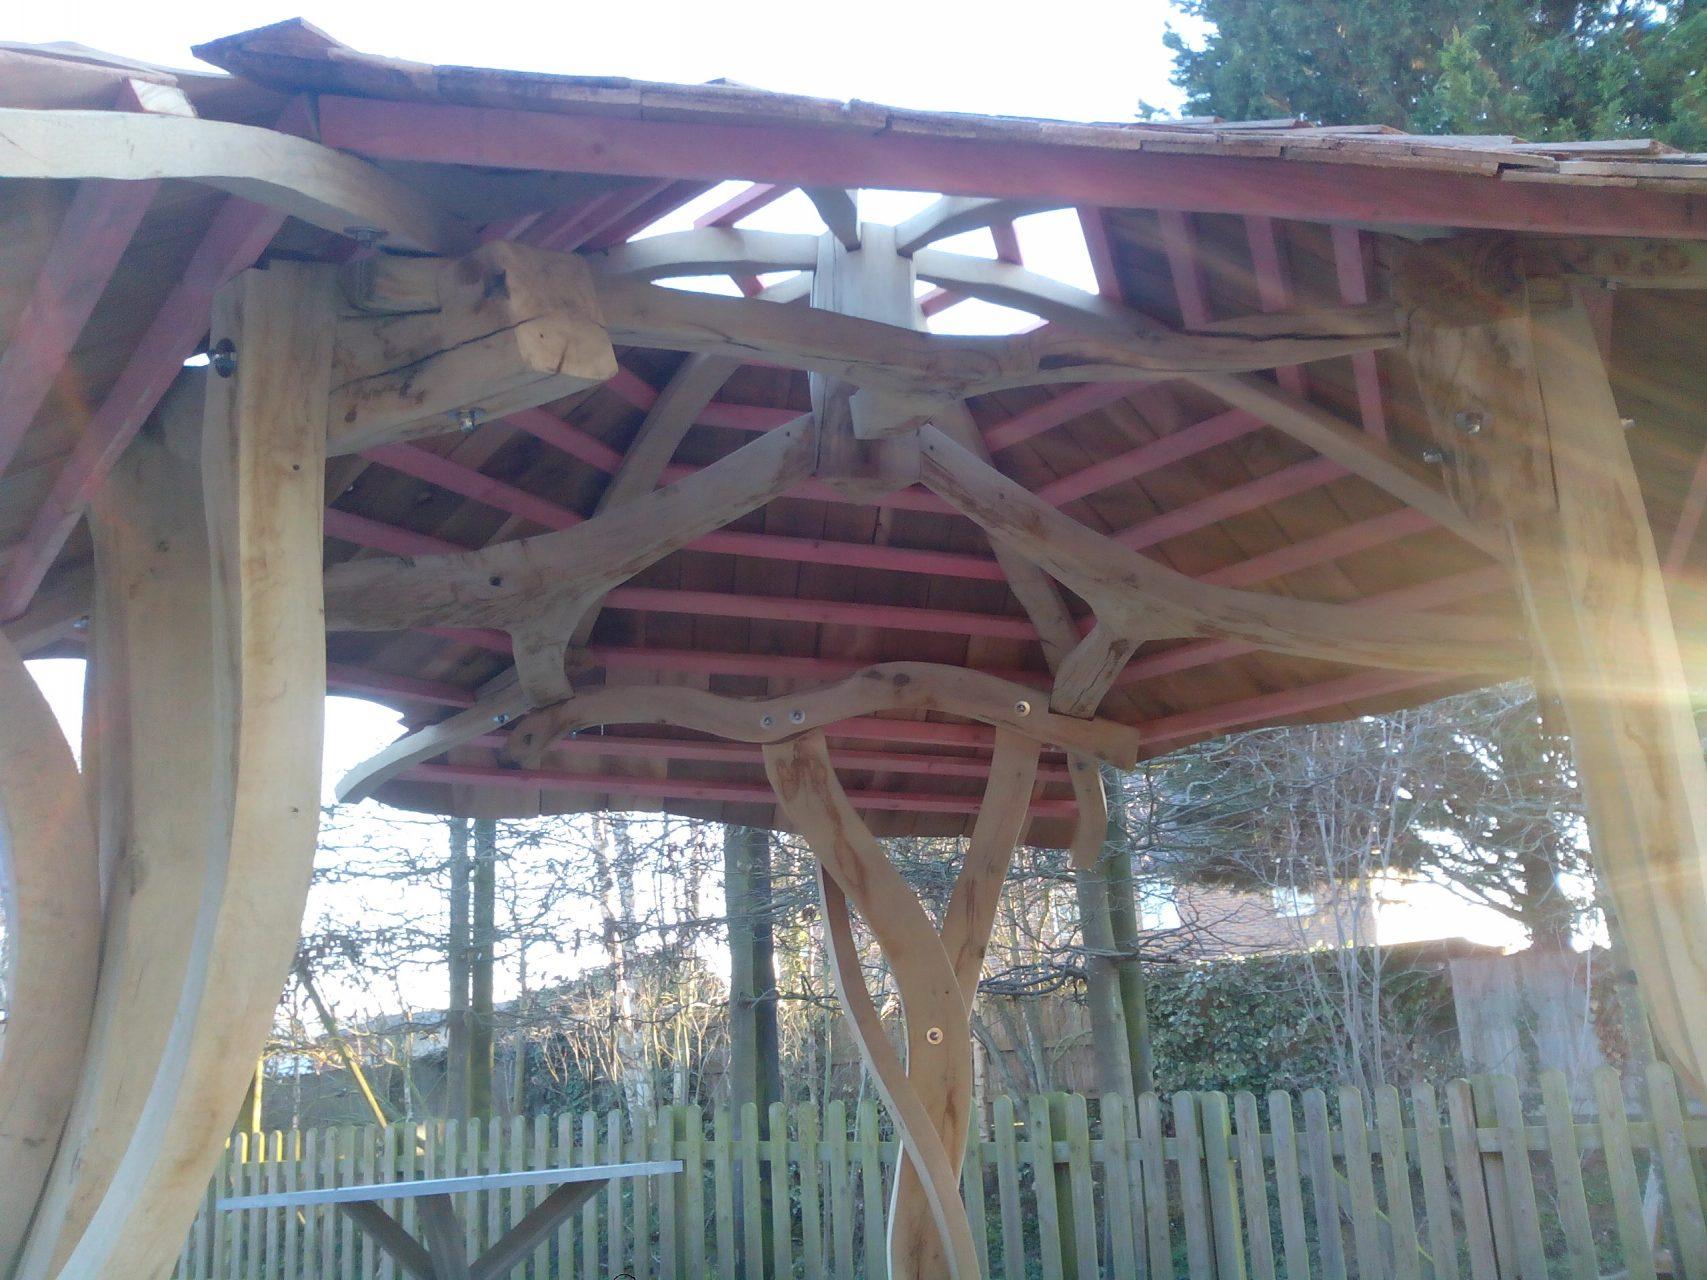 Thame shelter inside